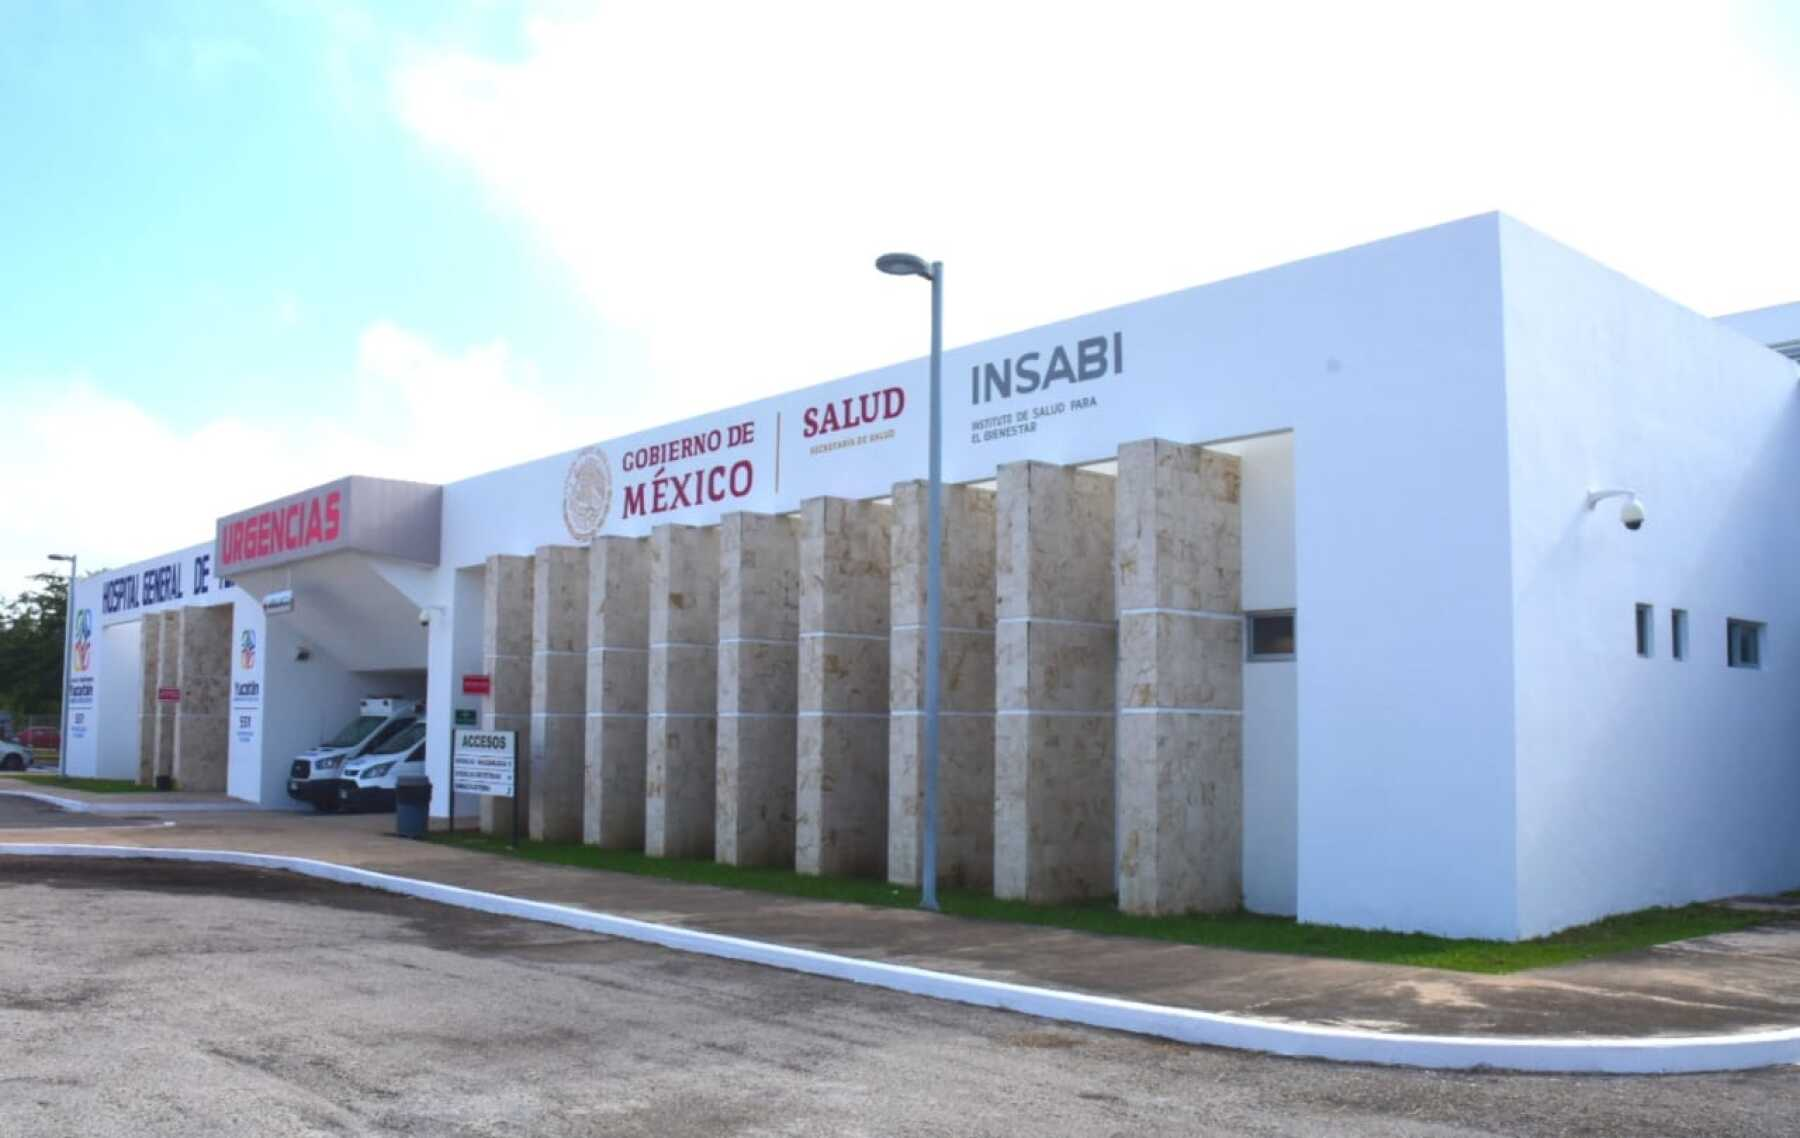 Hospital Insabi